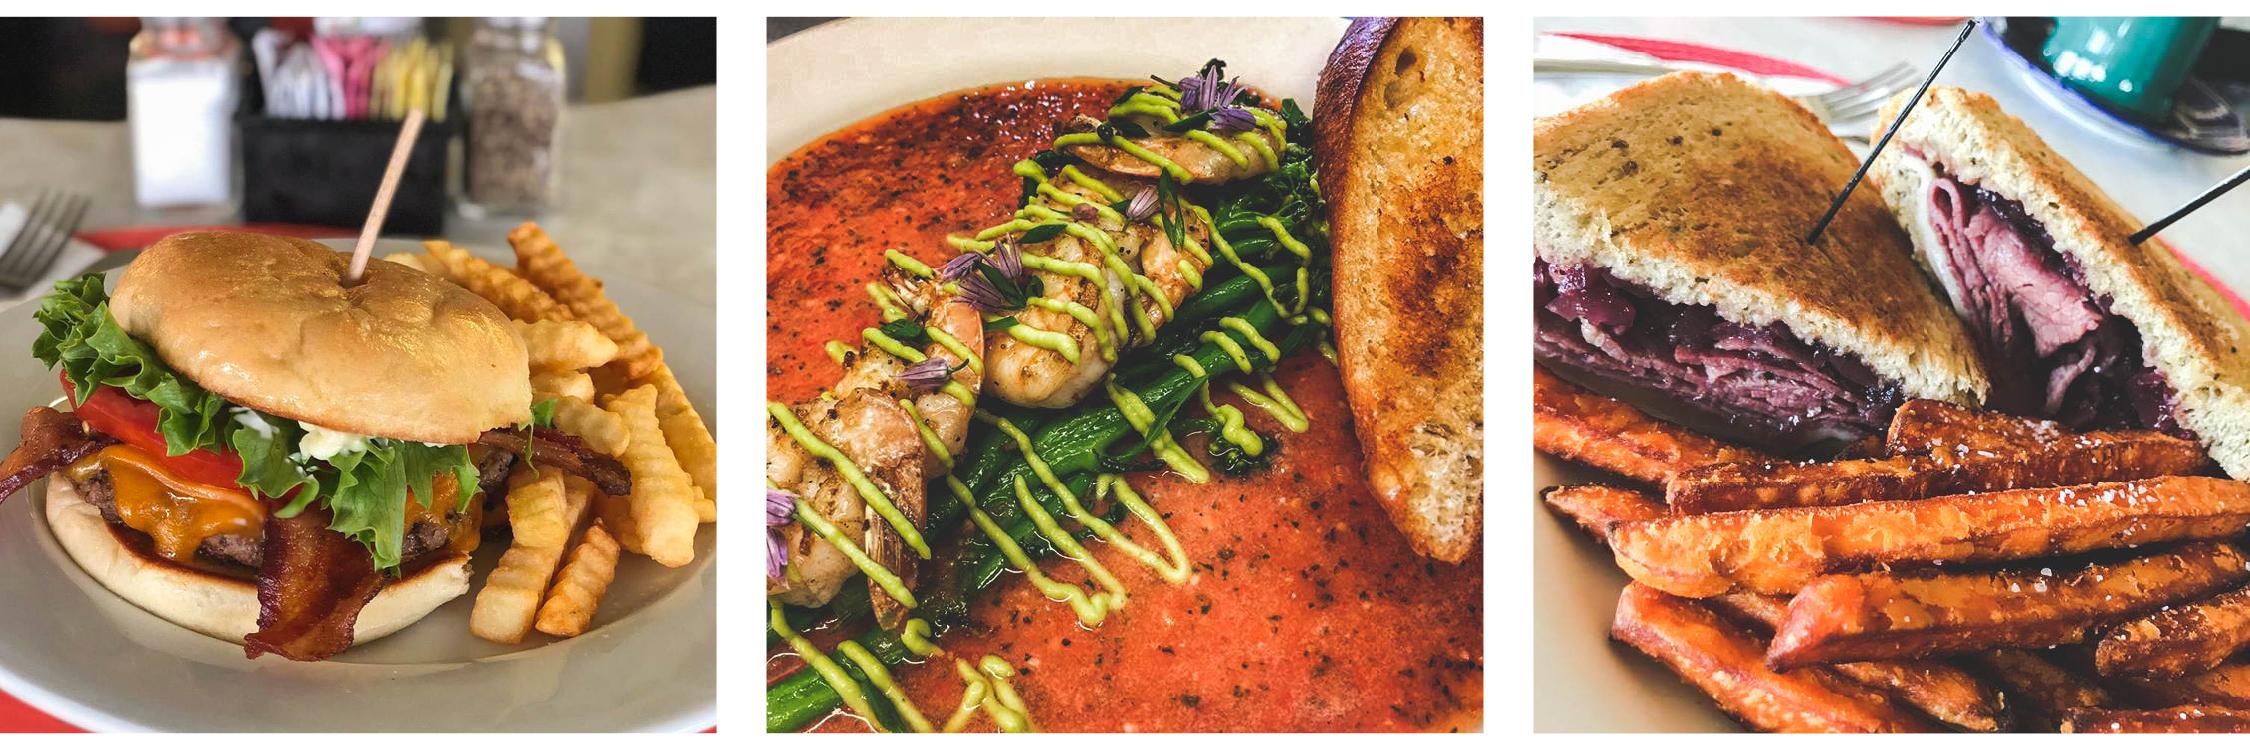 Images: Horseshoe Restaurant